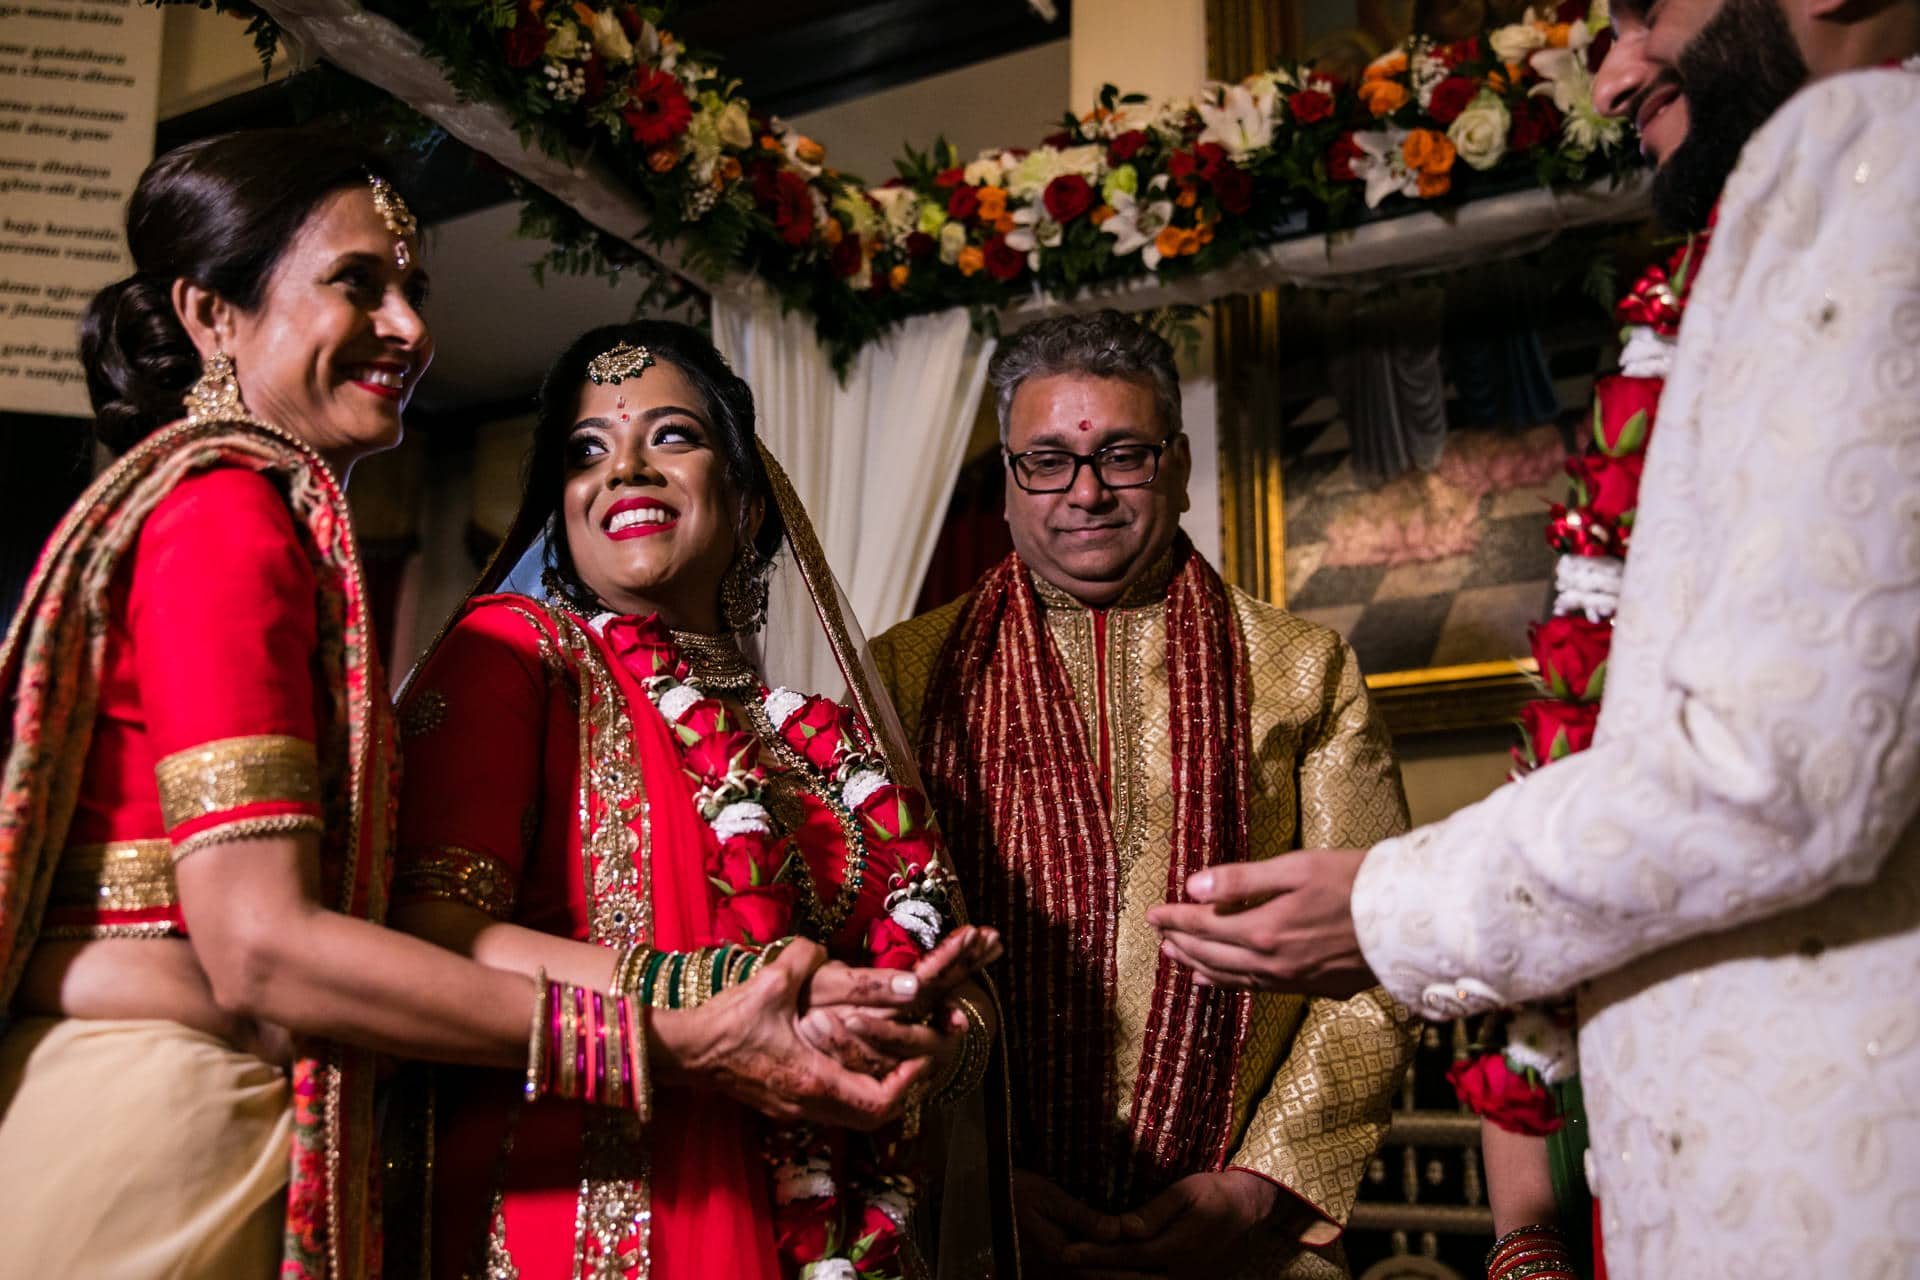 Bride performing Hindu wedding ceremony